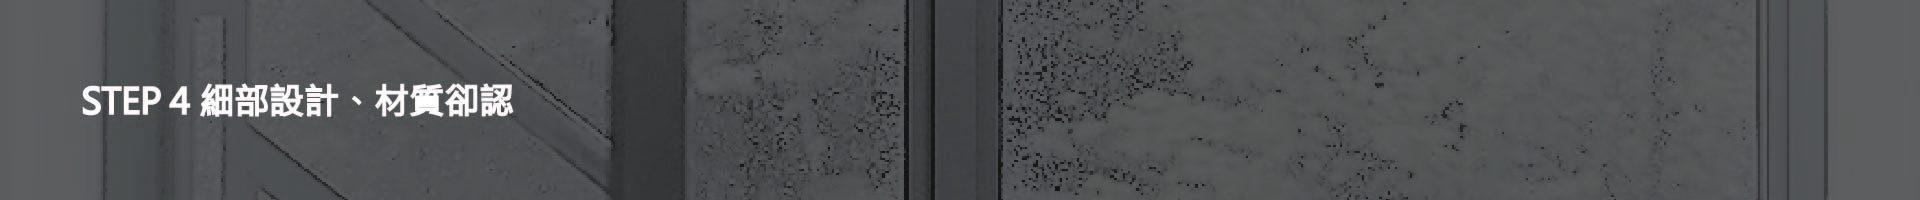 衍項服務流程-04